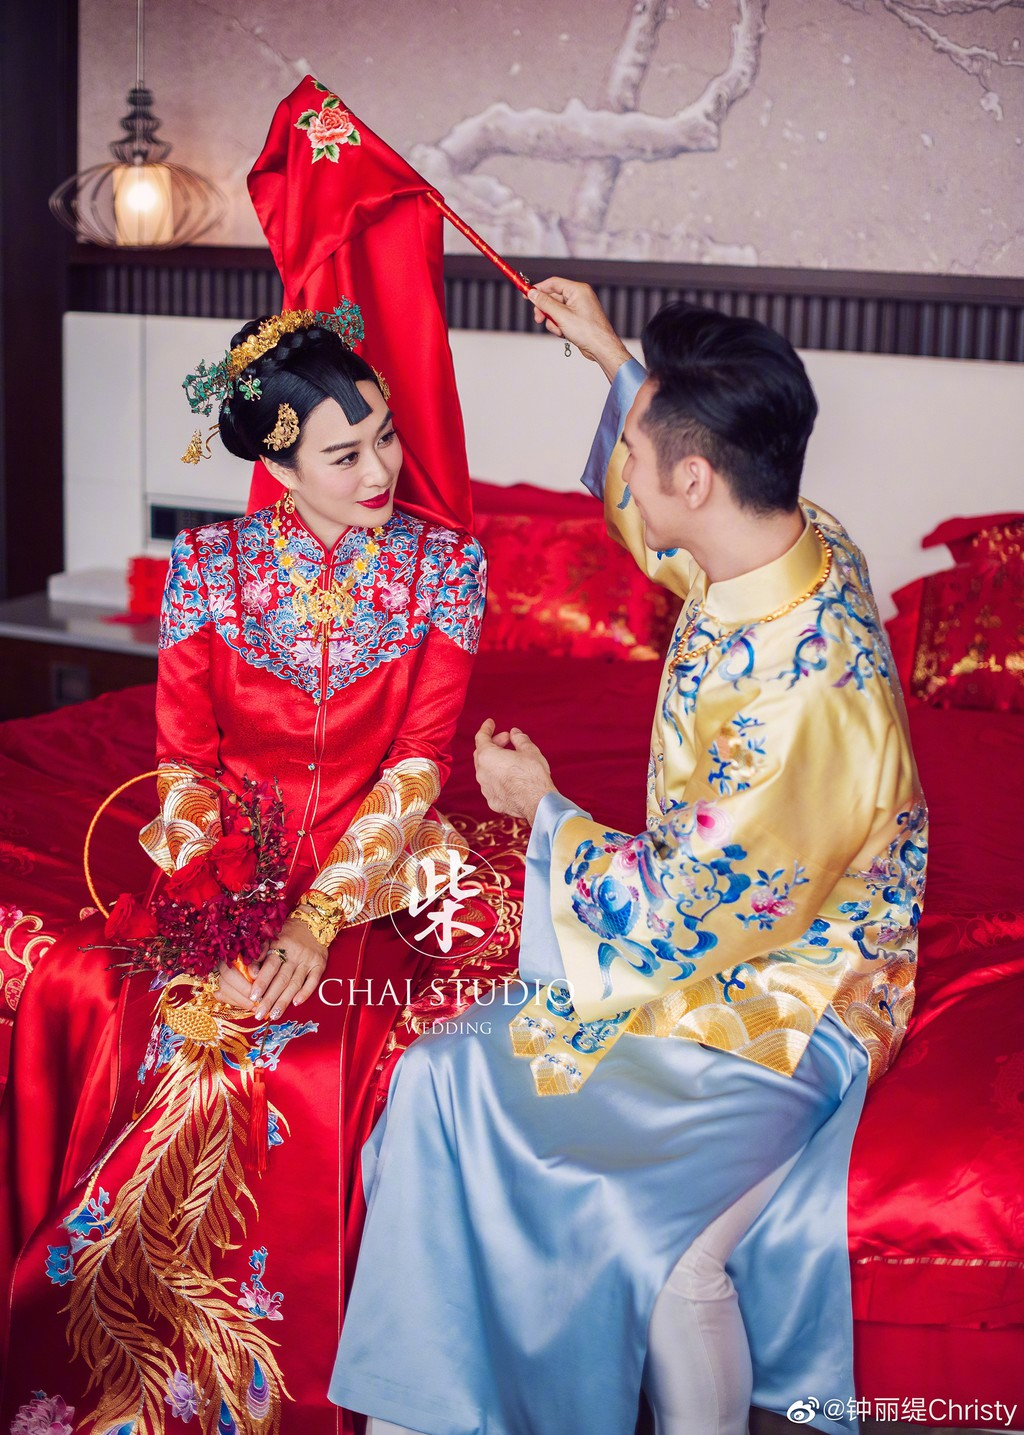 Chung Lệ Đề kỷ niệm 3 năm cưới chồng kém 12 tuổi - Hình 1